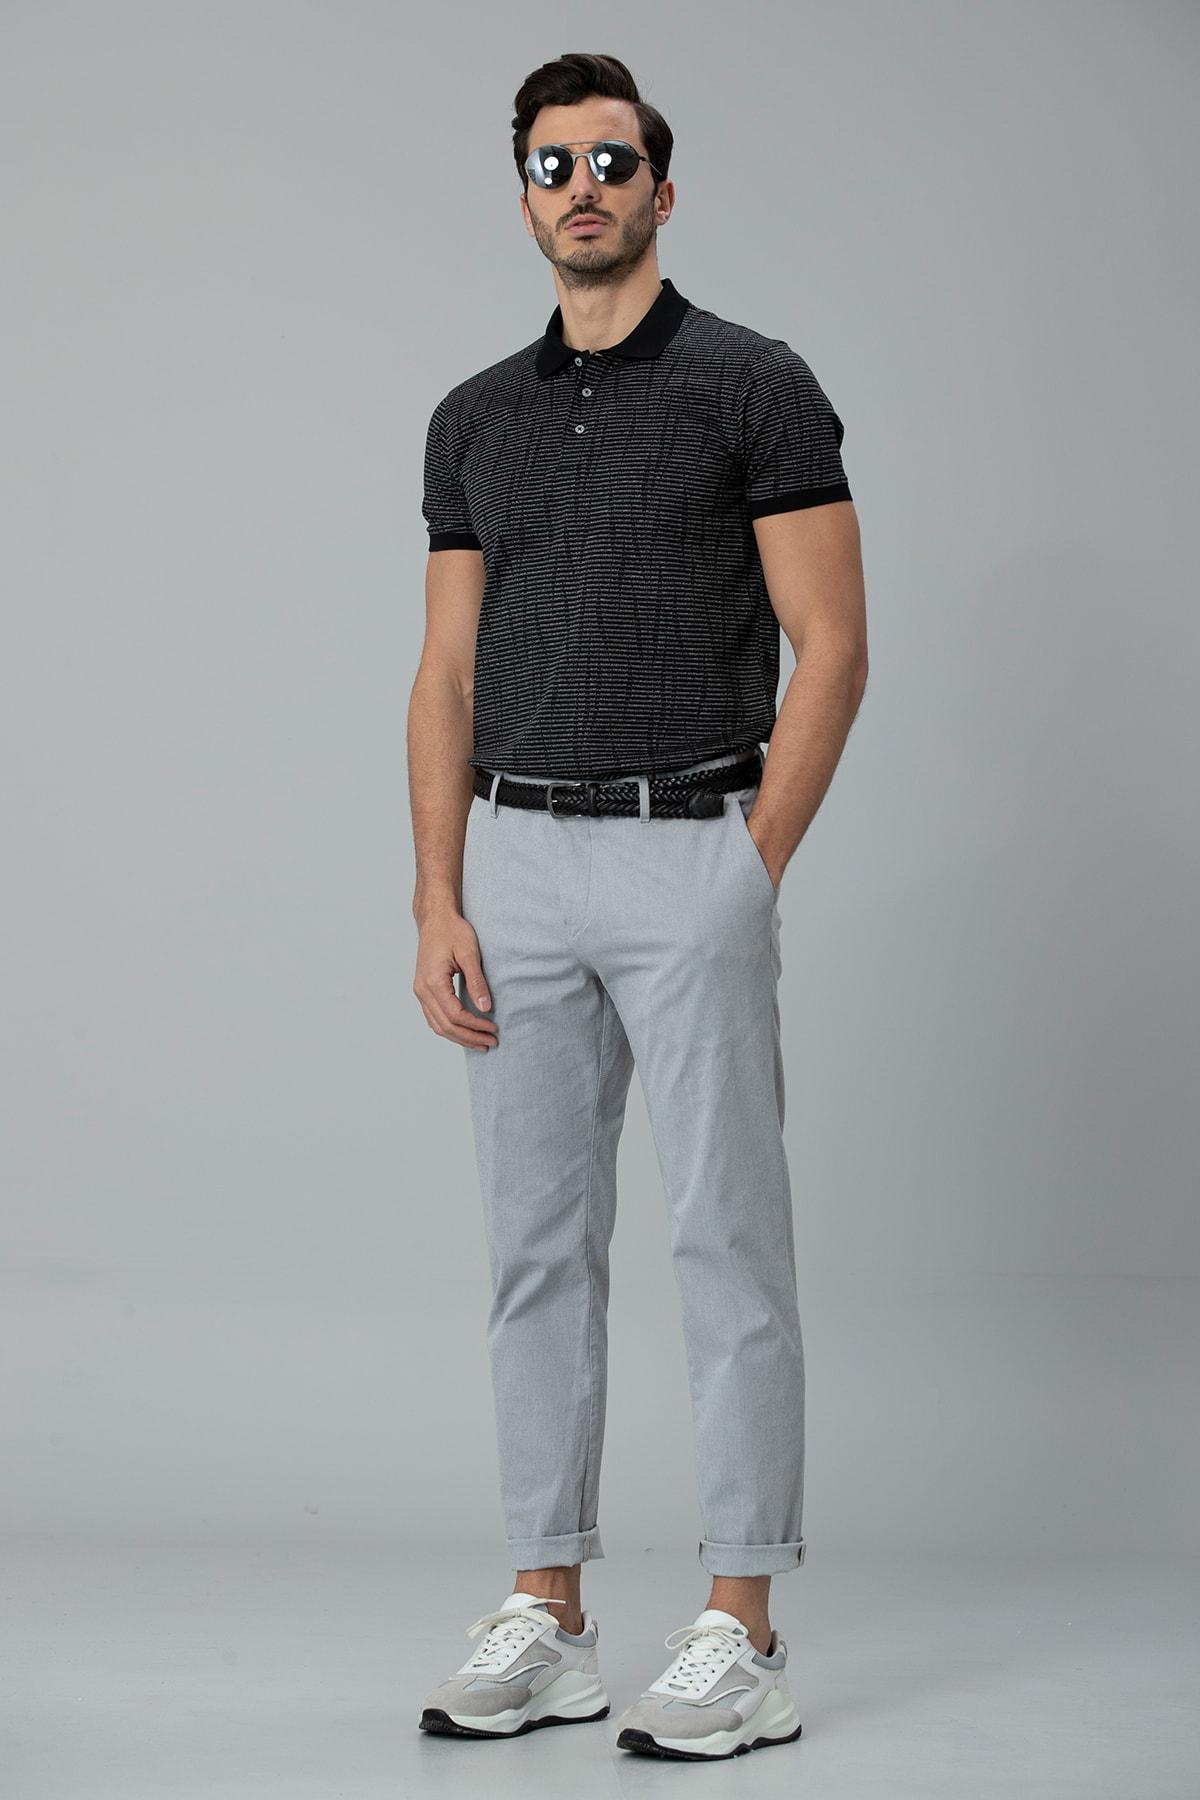 Lufian Como Spor Polo T- Shirt Siyah 2